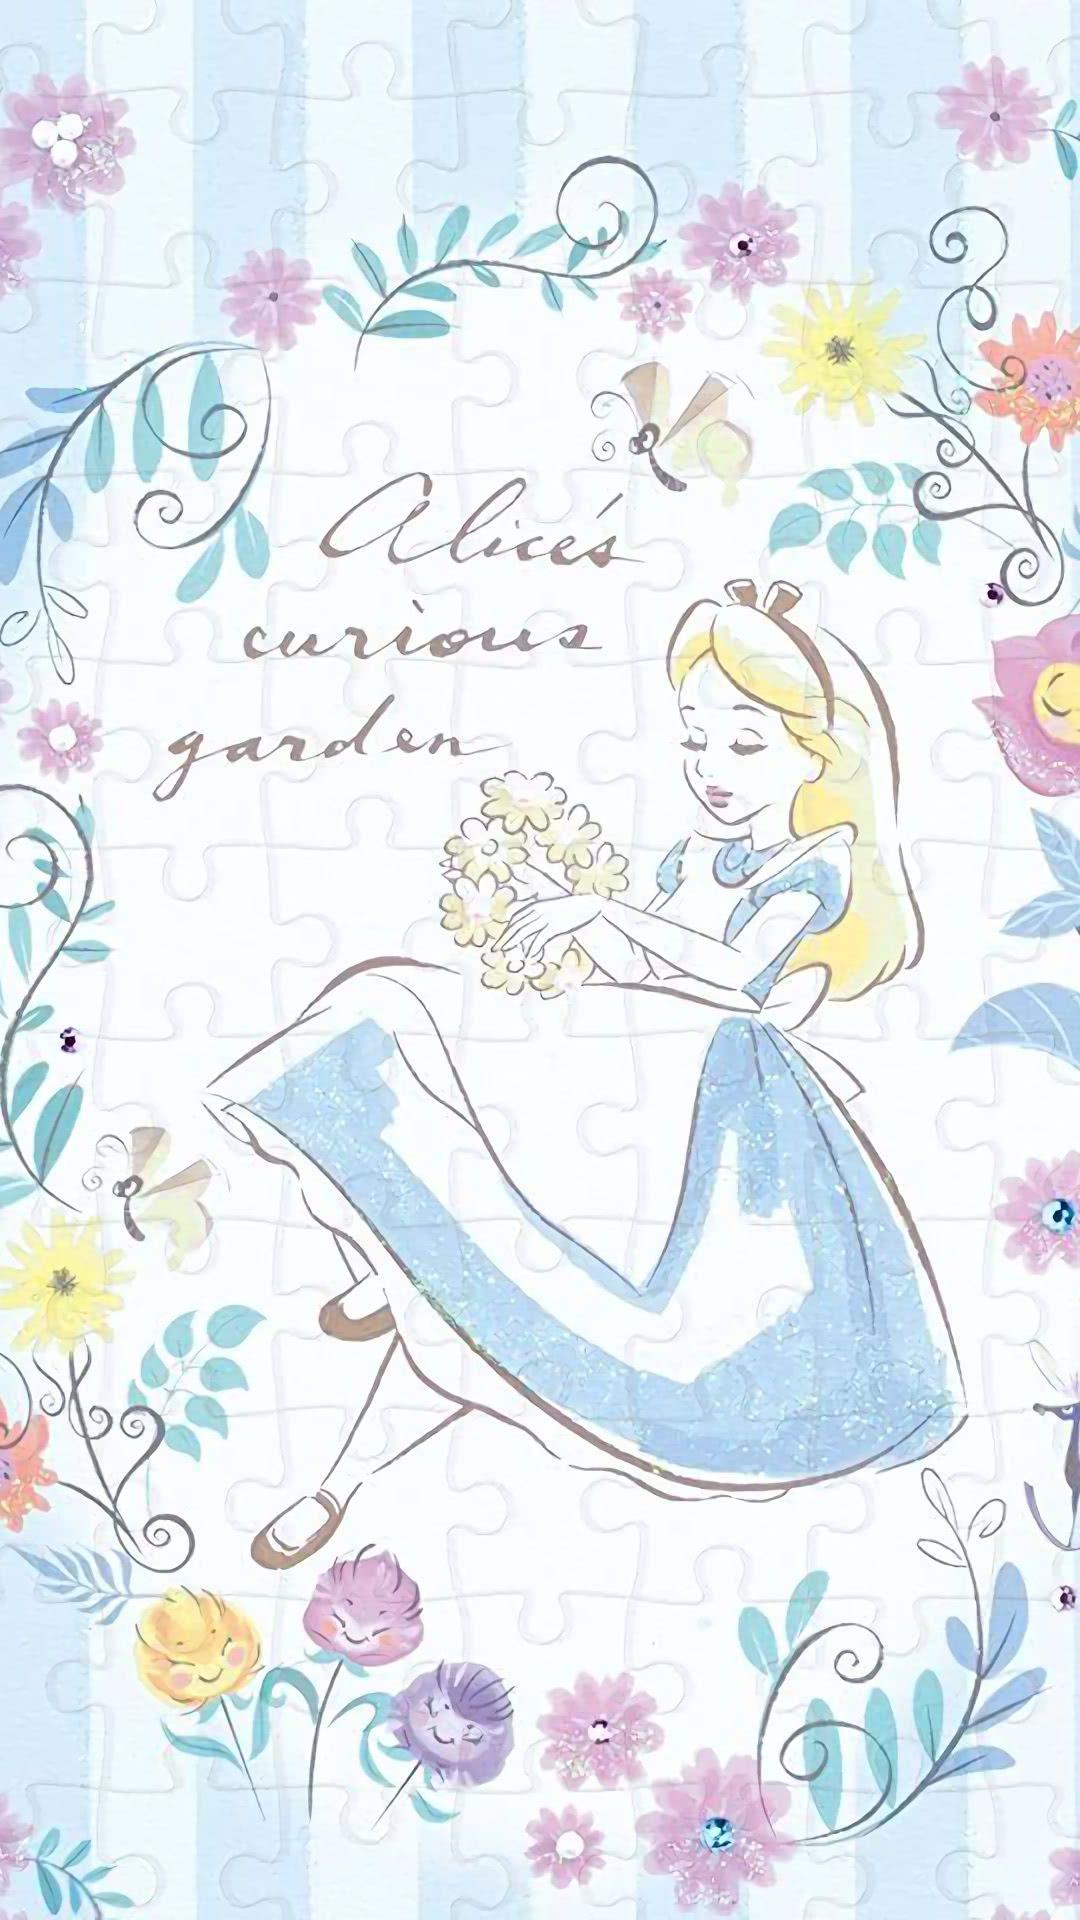 不思議の国のアリス ディズニーの携帯電話の壁紙 ディズニーの描き